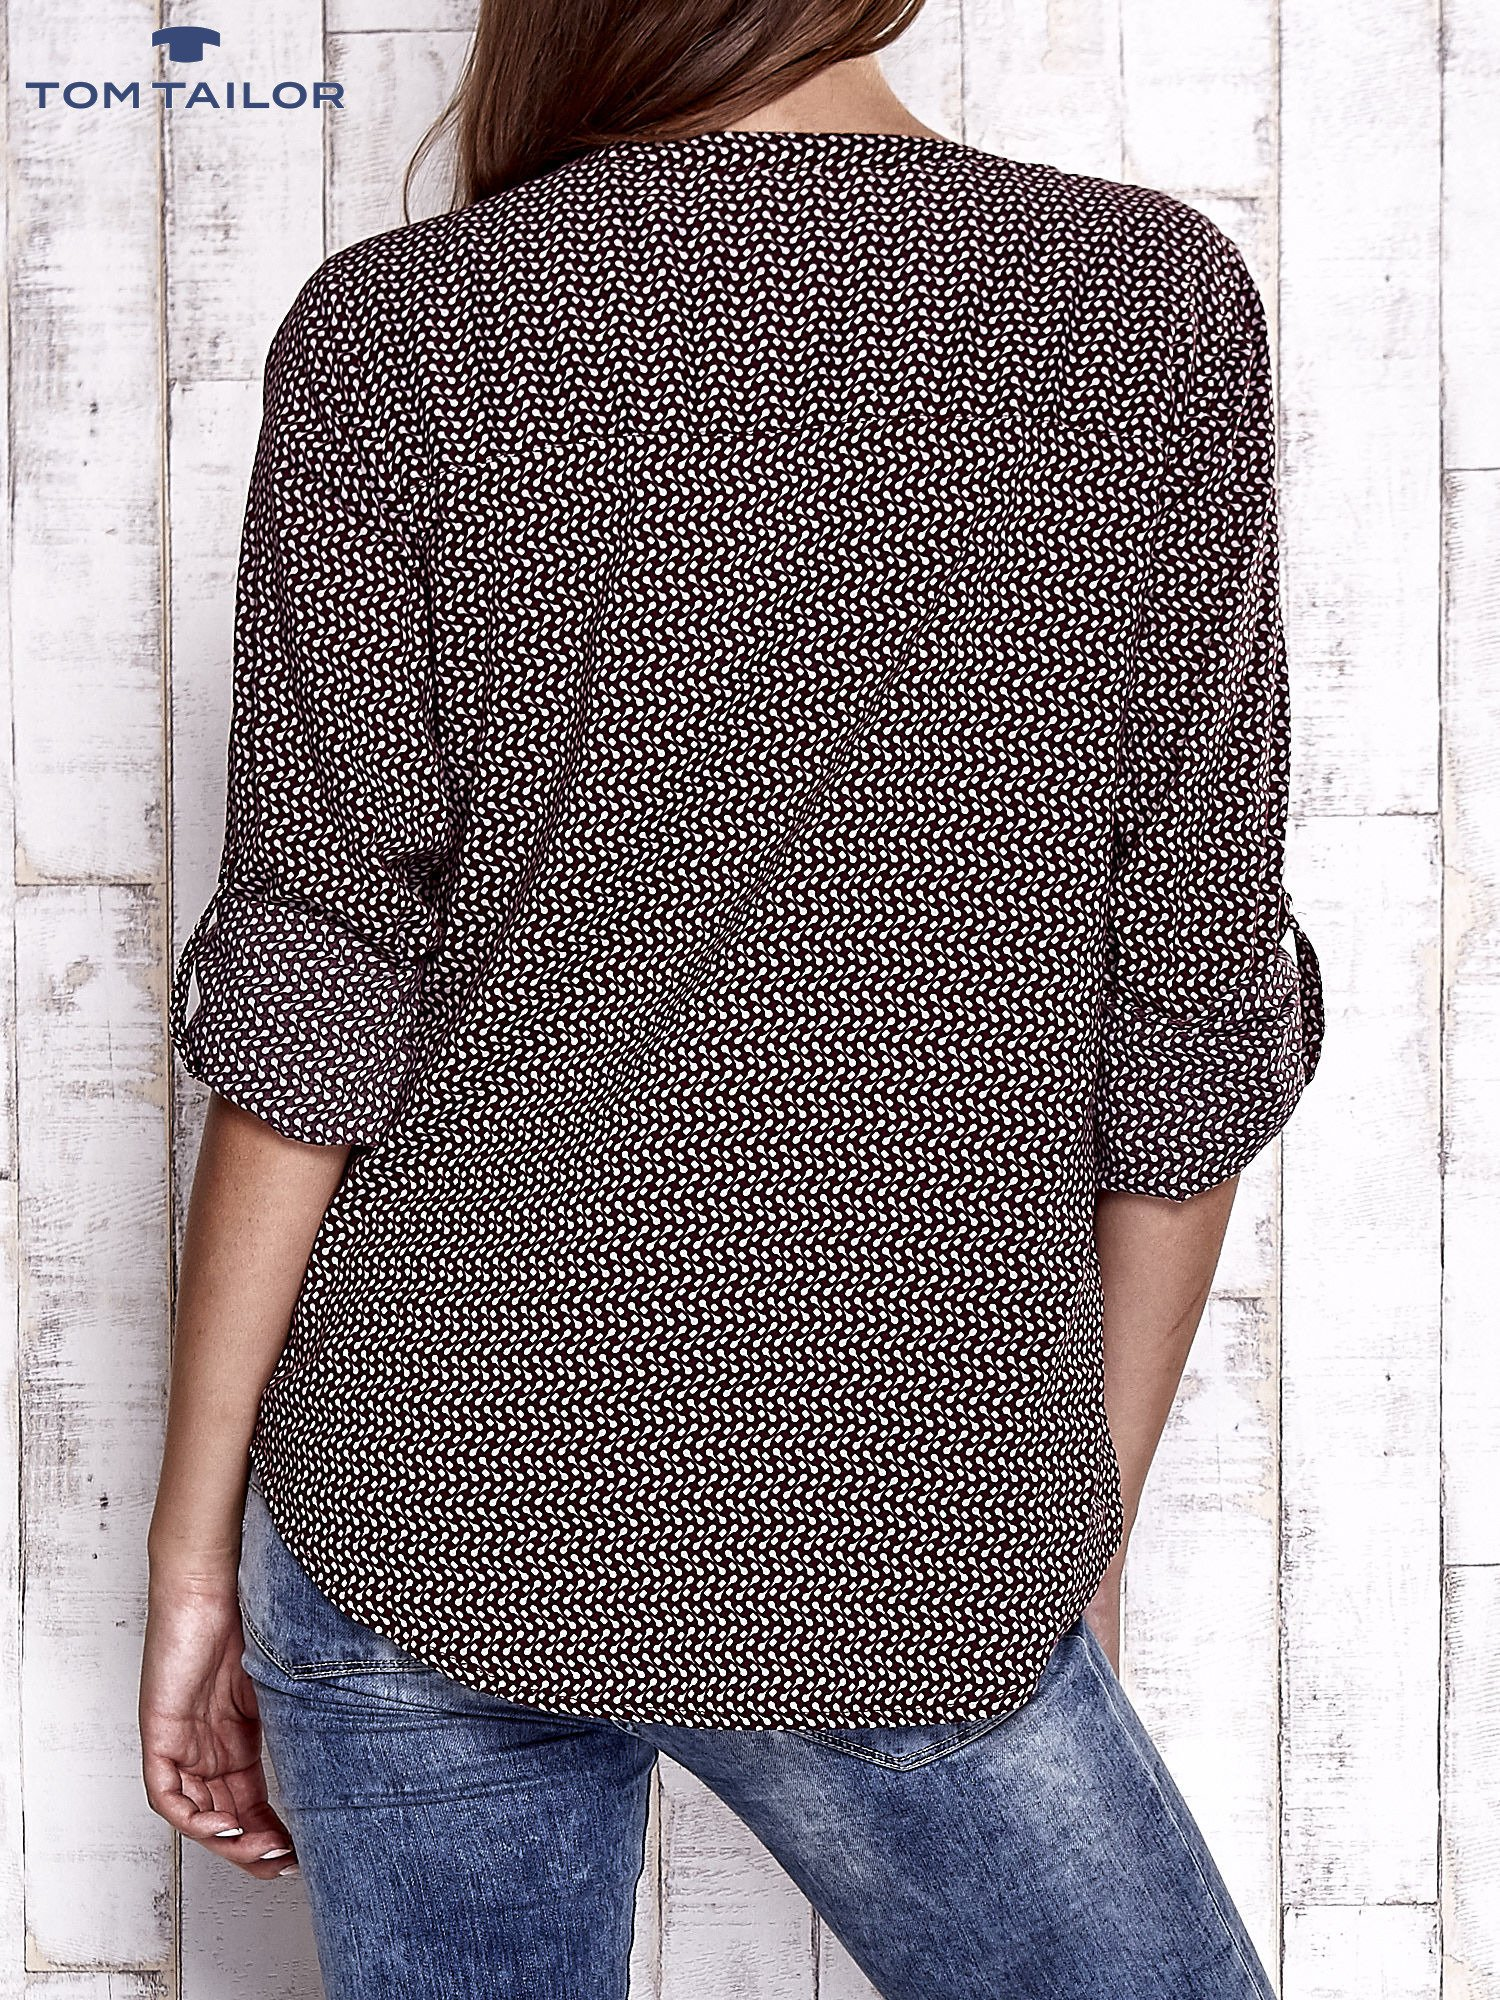 TOM TAILOR Bordowa koszula w drobne wzory                                  zdj.                                  6